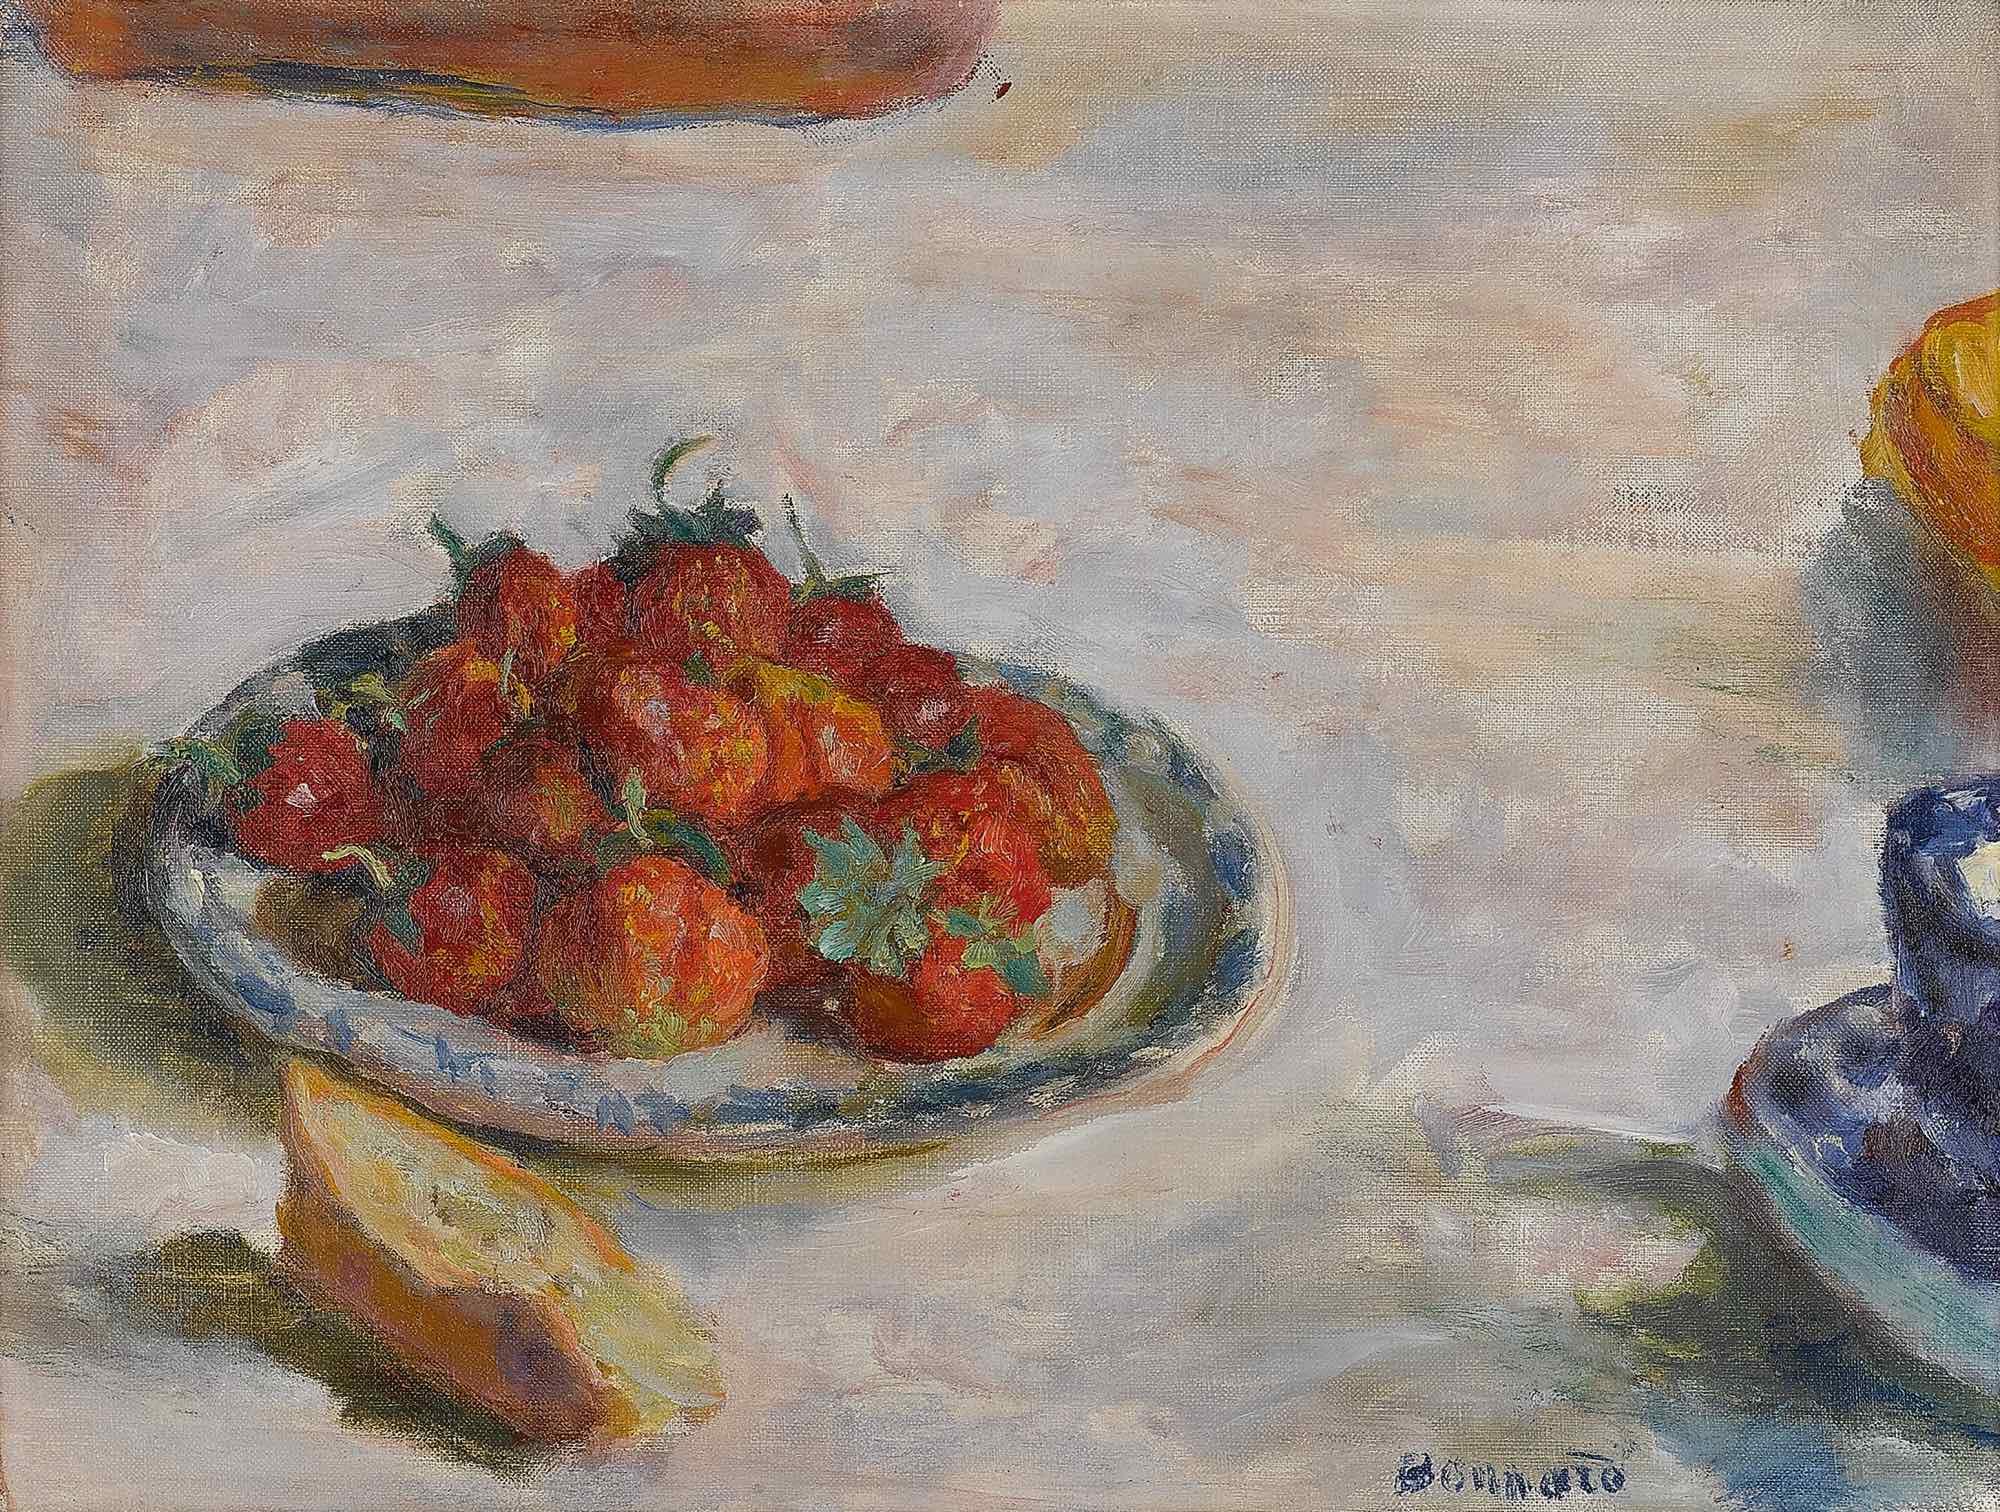 Il mondo sublime di Pierre Bonnard attraverso tre opere